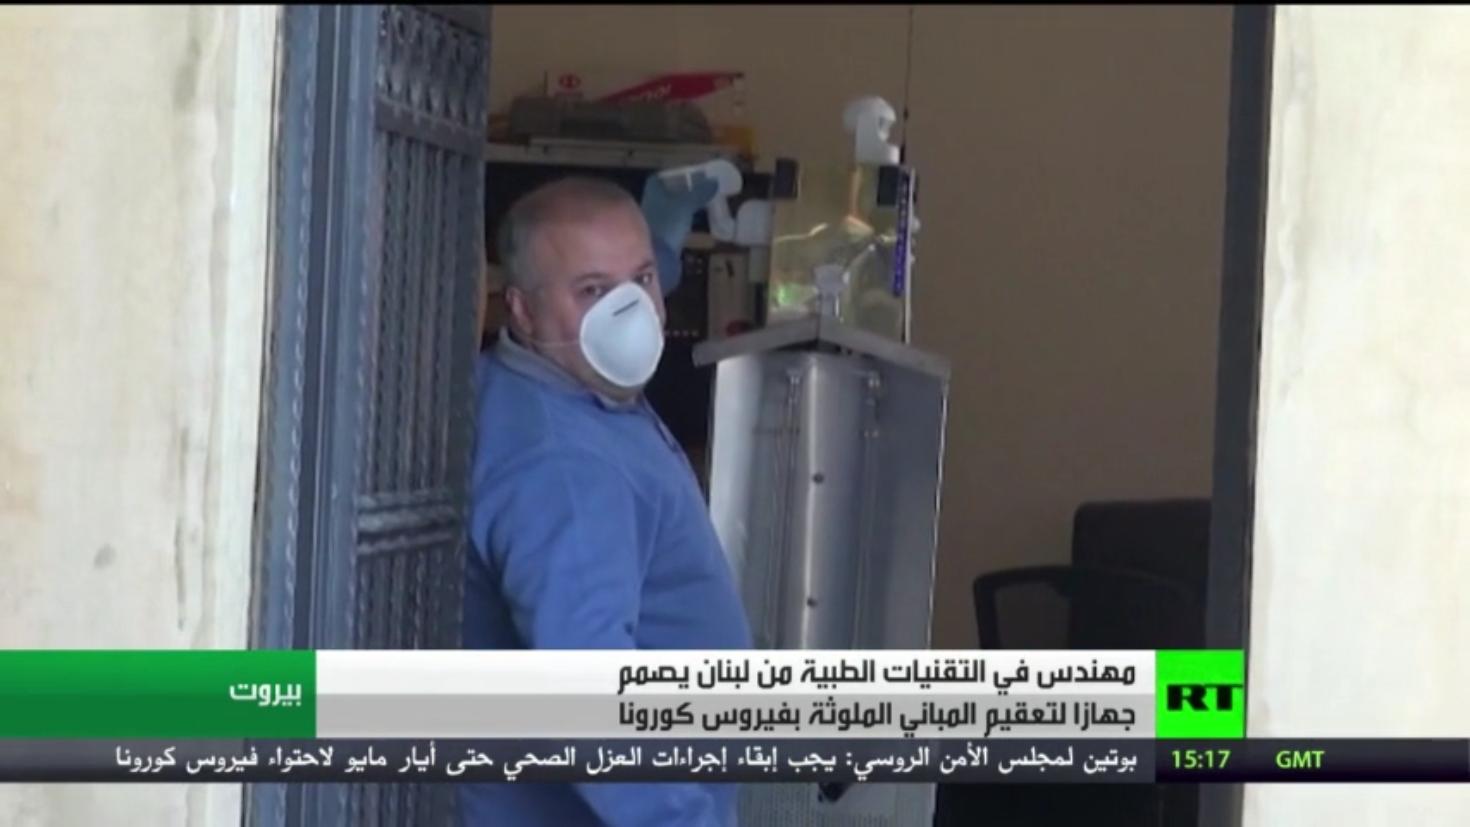 مهندس لبناني يصمم جهاز تعقيم ضد كورونا